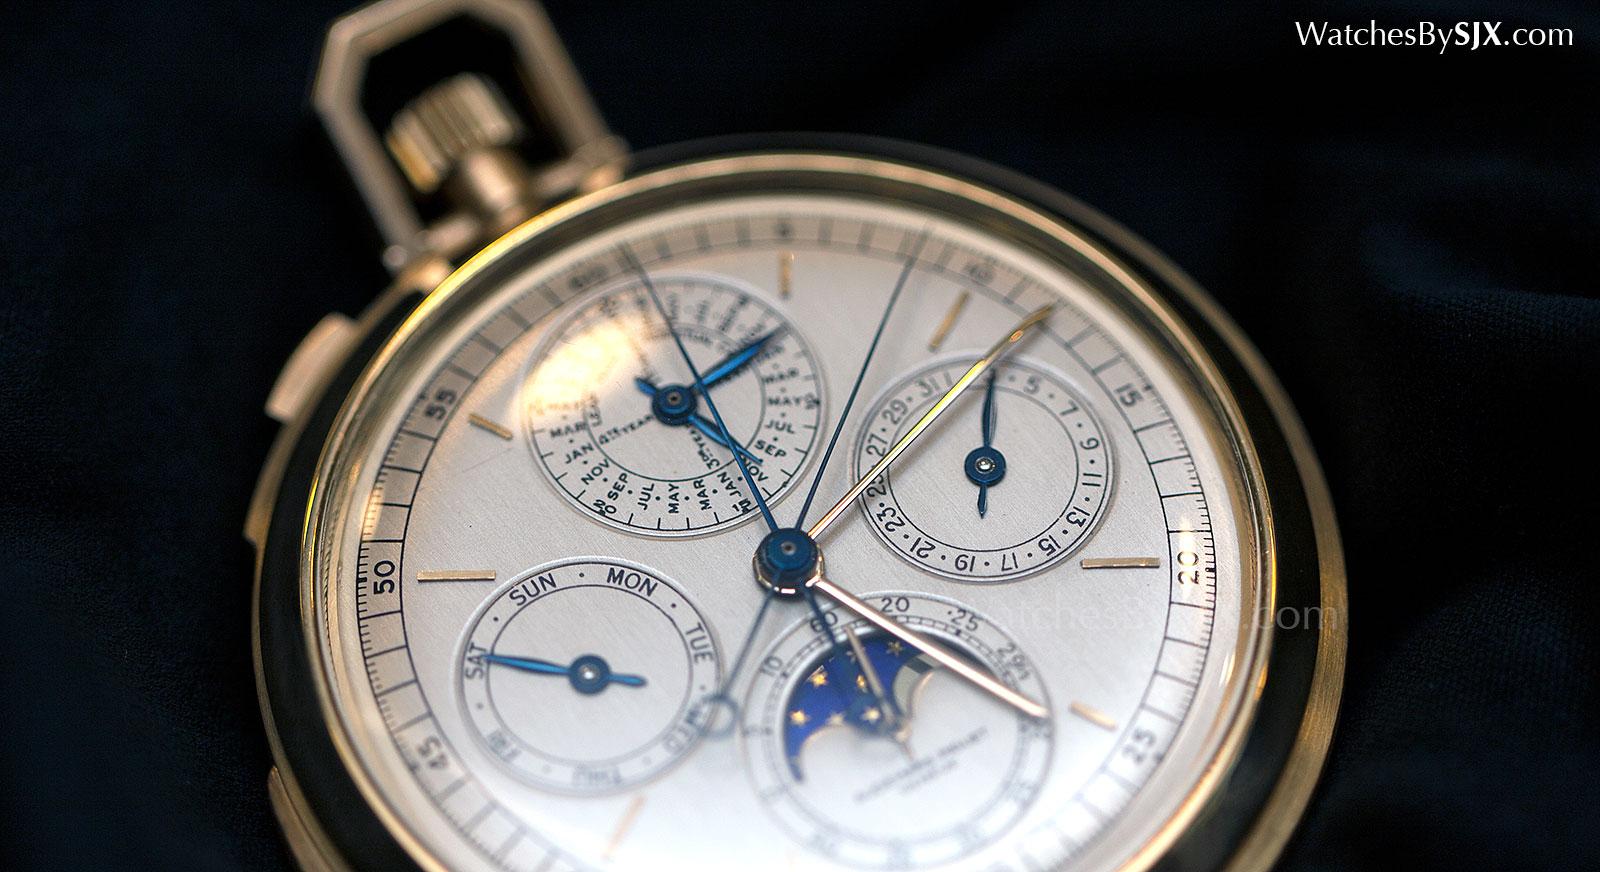 Audemars Piguet grand complication pocket watch c. 1970 3